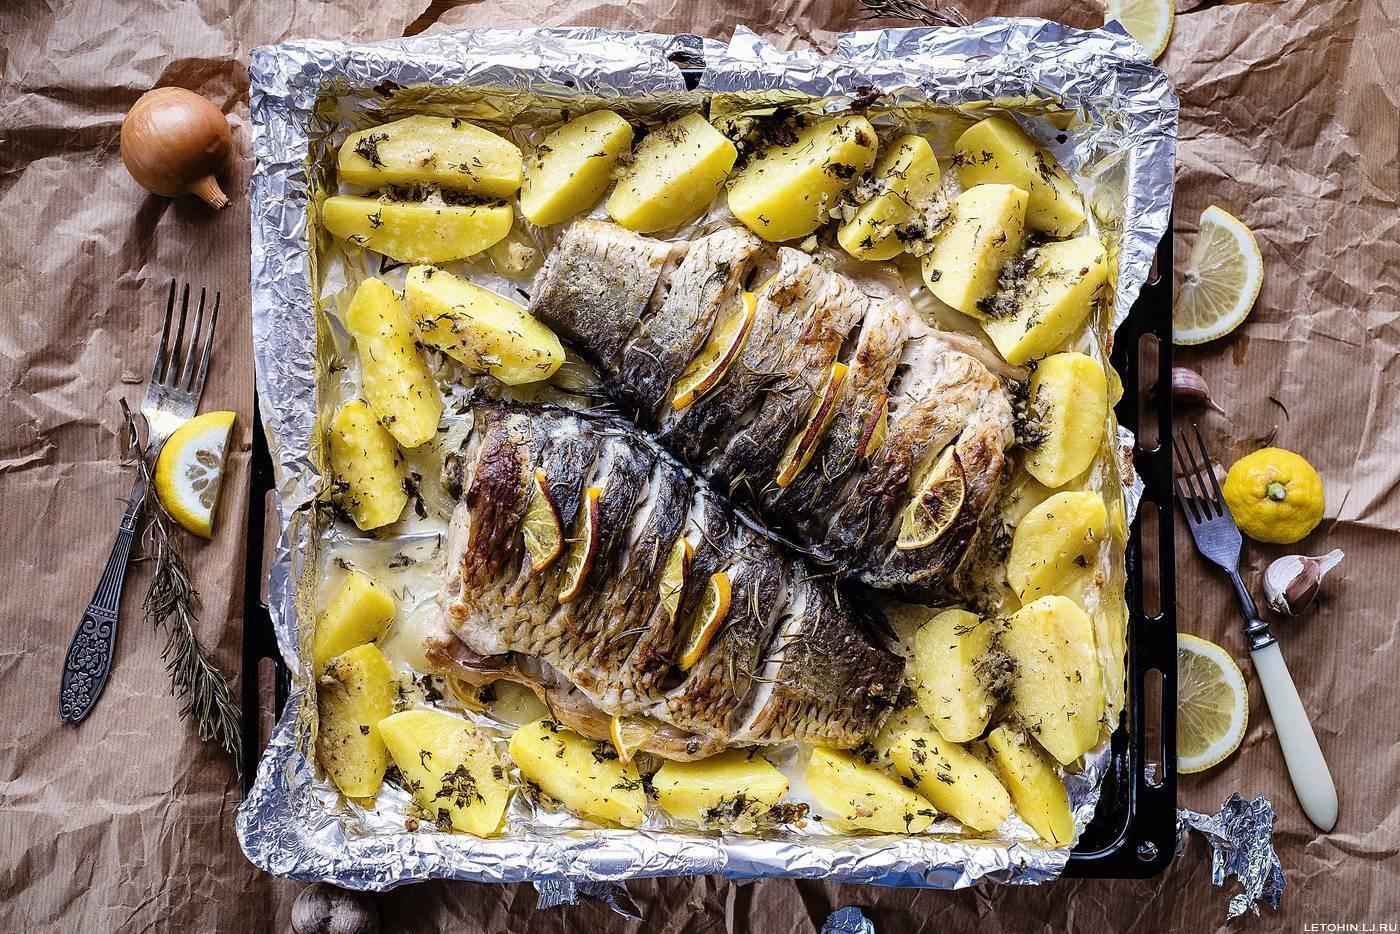 Как правильно приготовить рыбу в духовке - выбор продуктов для гарнира, запеканка из мелкого минтая на противене